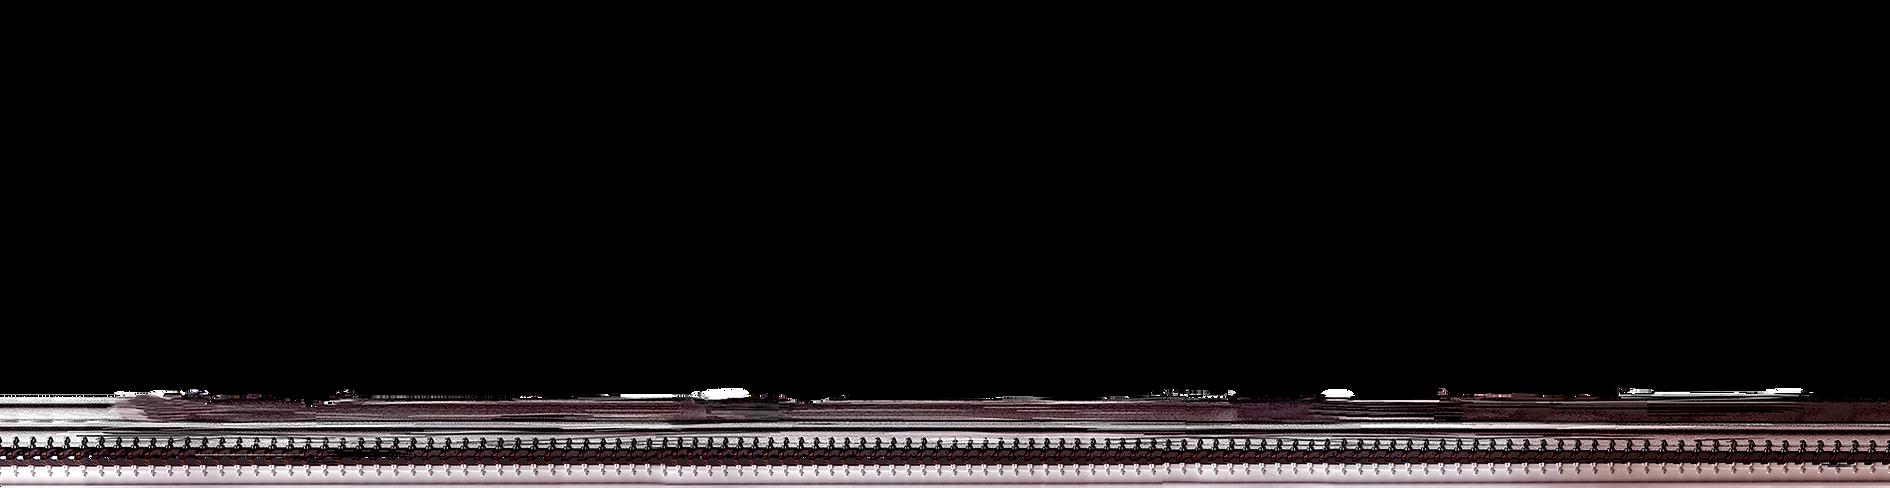 통큰기사-도시철도2면.png